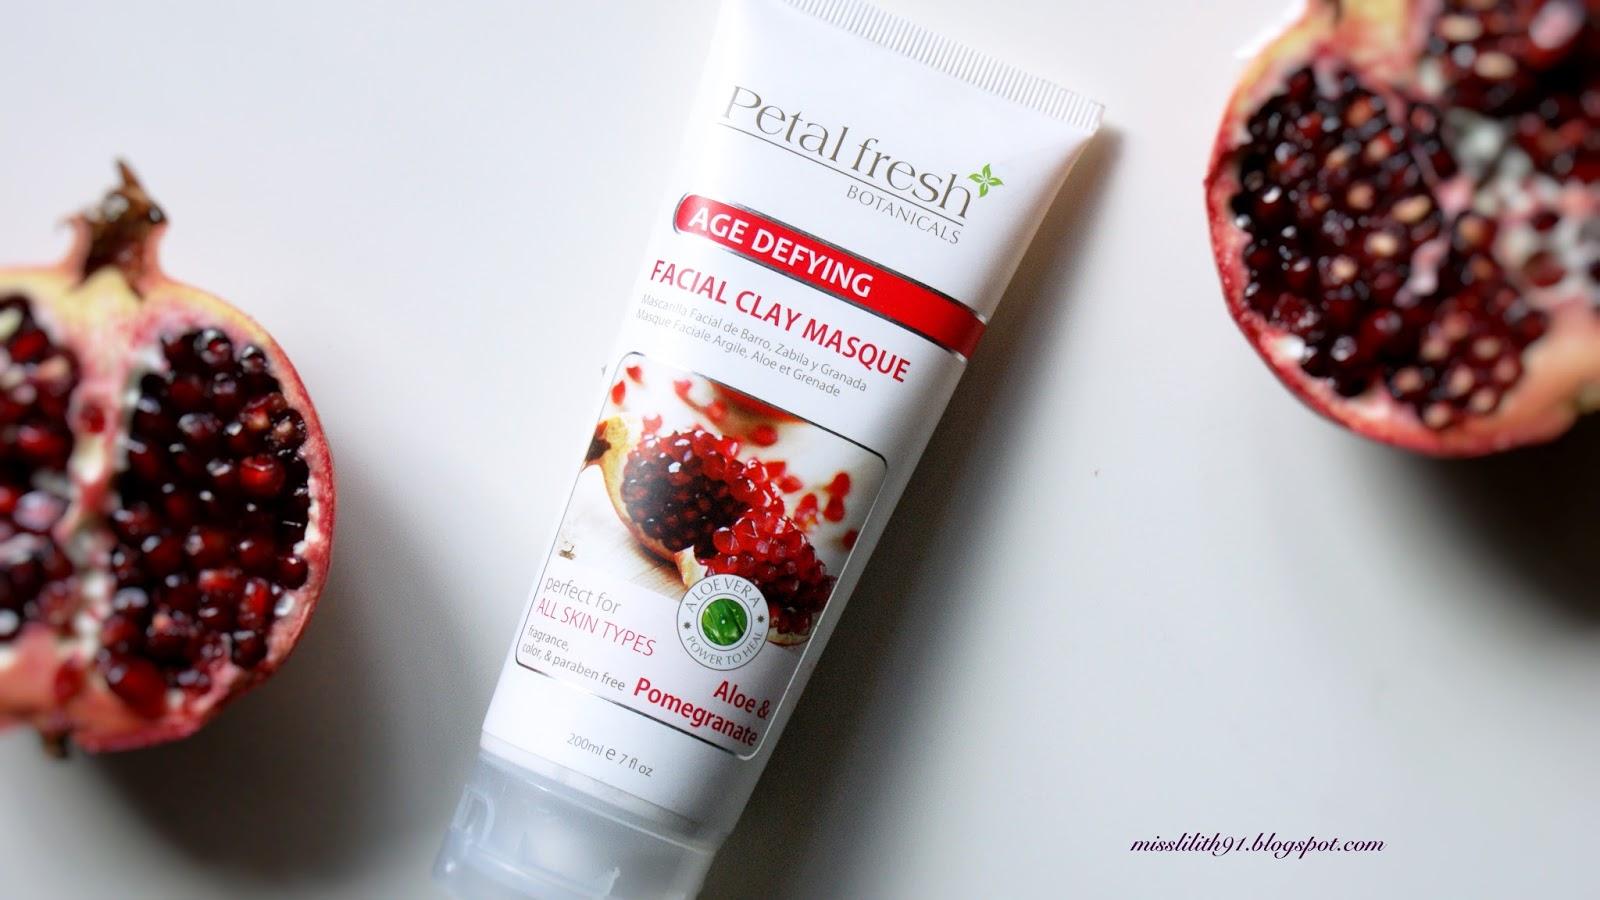 Petal fresh, Głęboko oczyszczająca maska do twarzy Aloe & Pomegranate